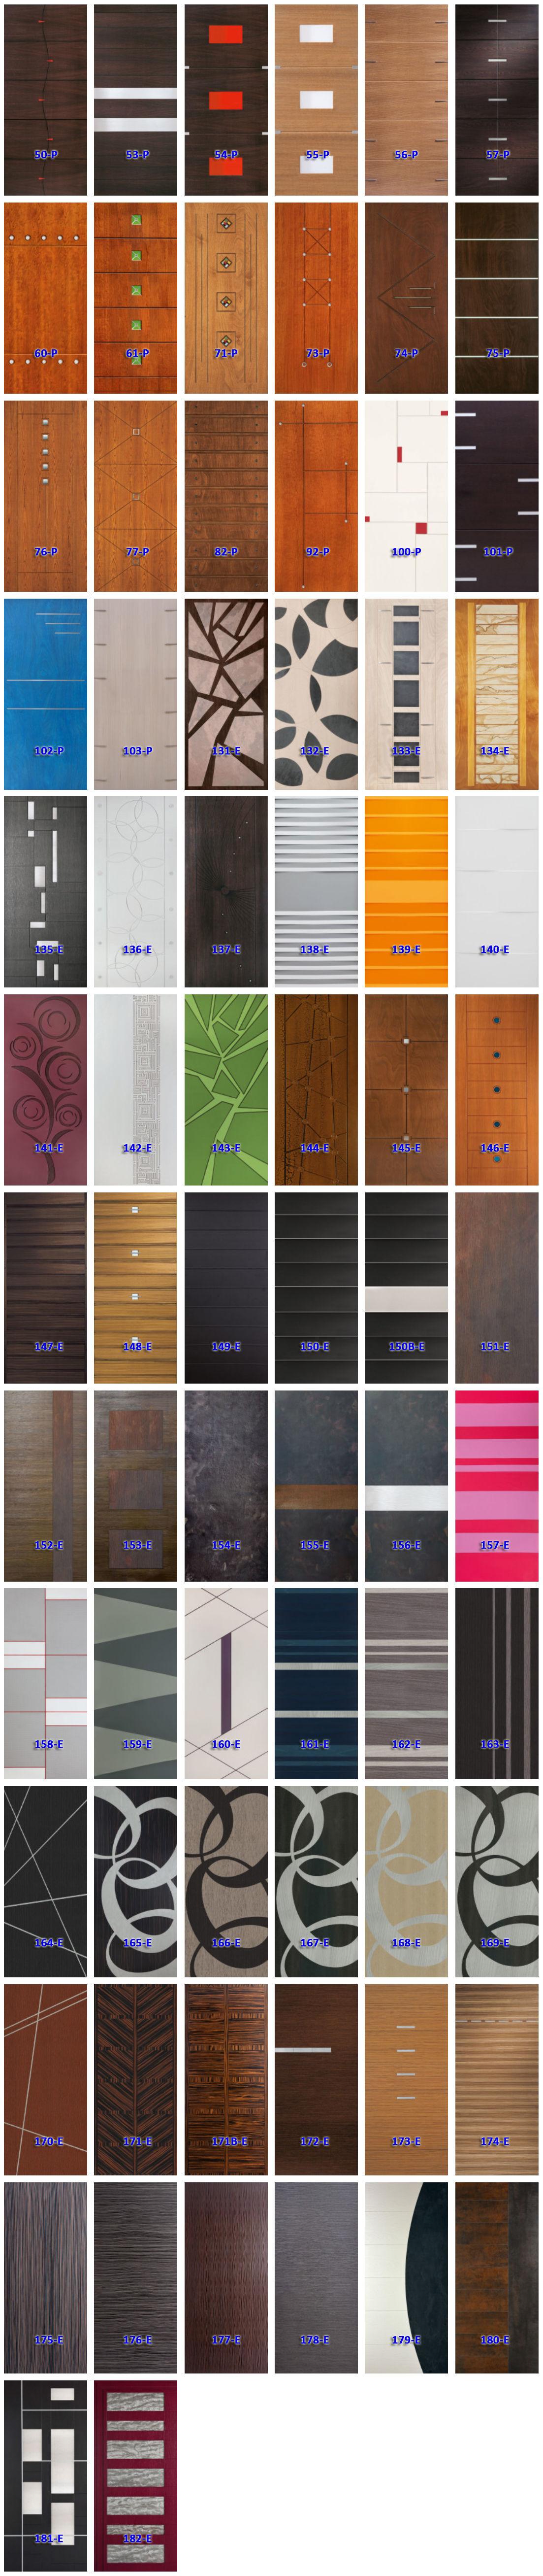 Colori Pannelli Porte Blindate portone blindato ica blocker c3 - esaem.it